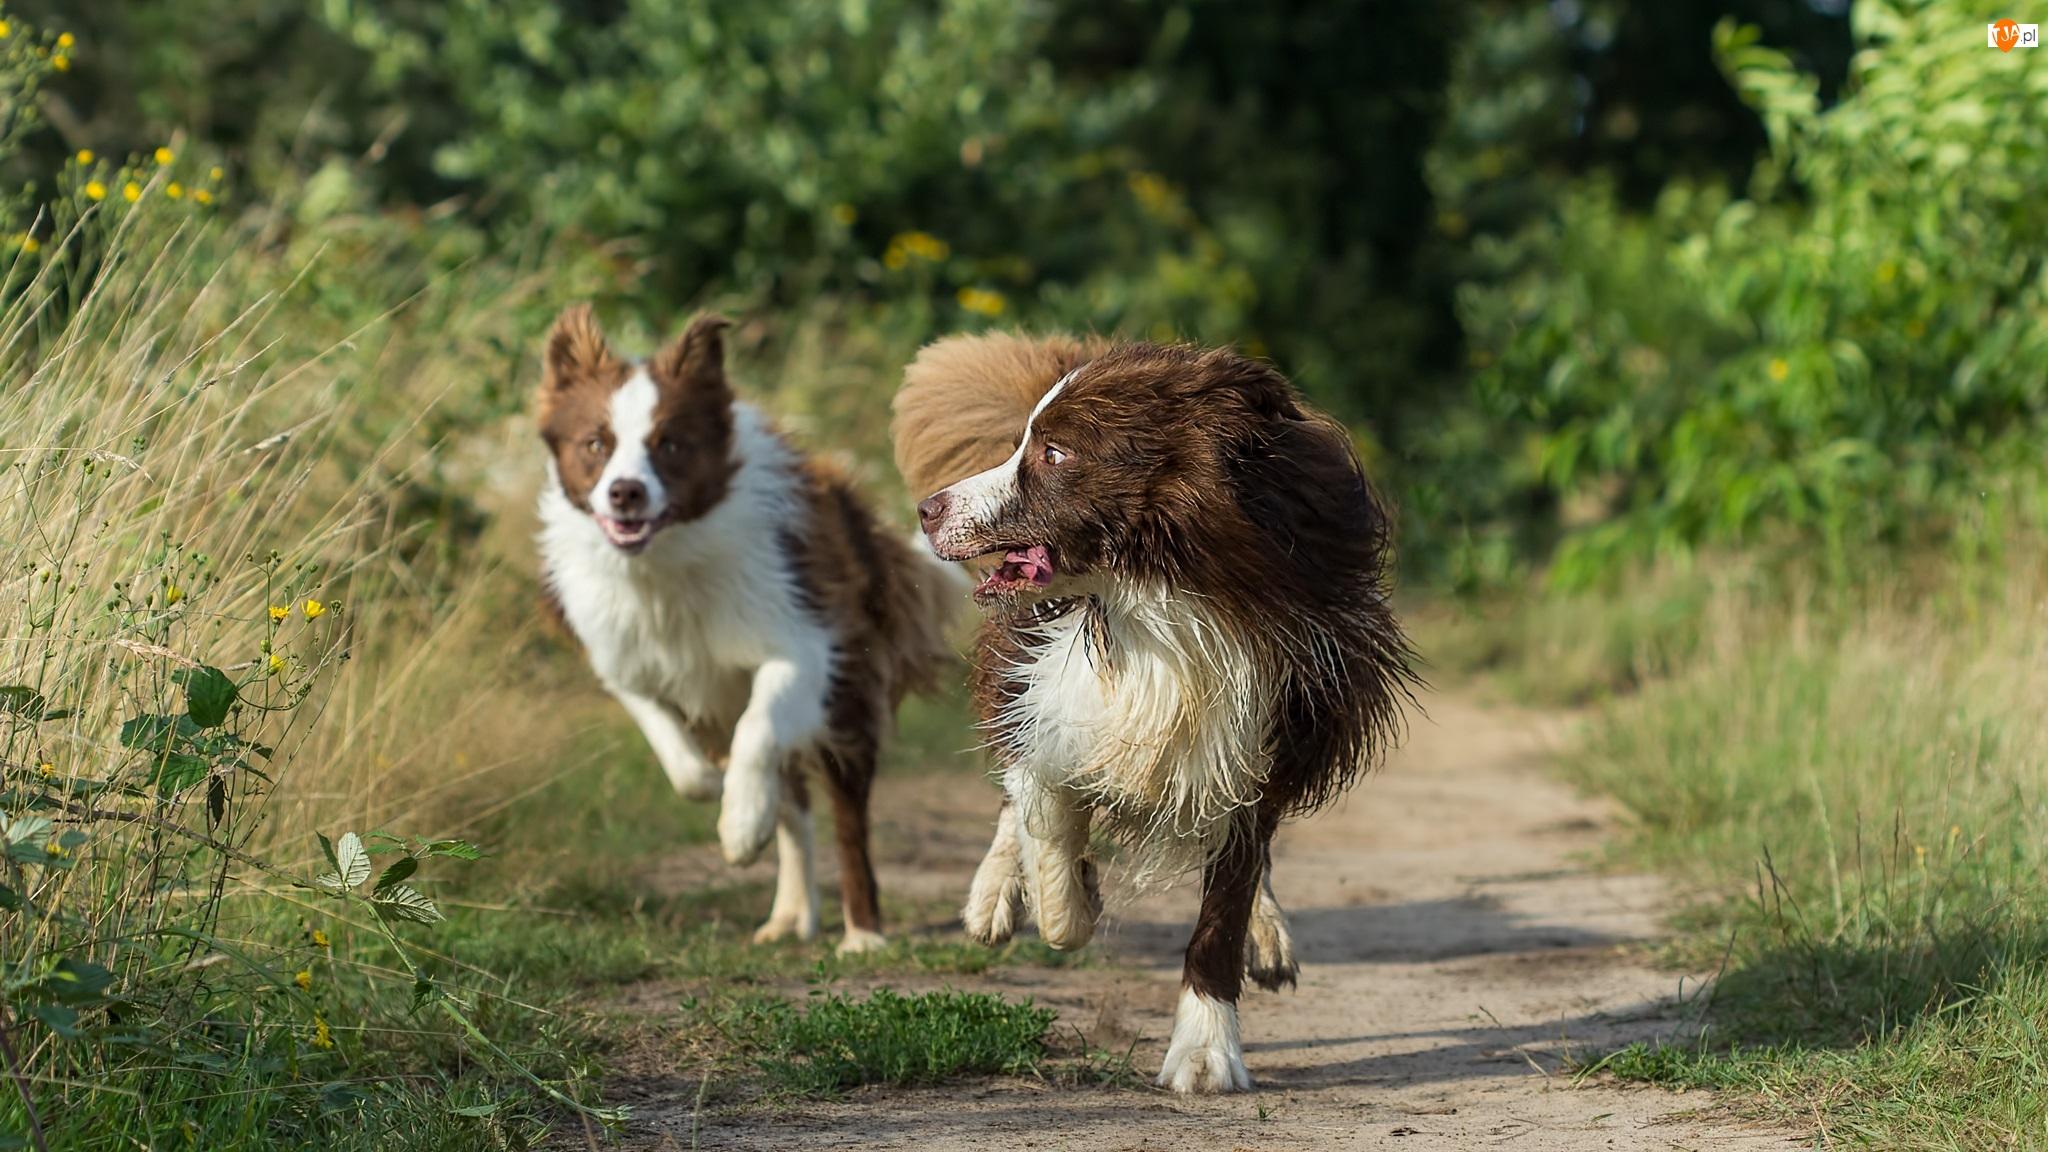 Border collie, Ścieżka, Biegnące, Psy, Trawy